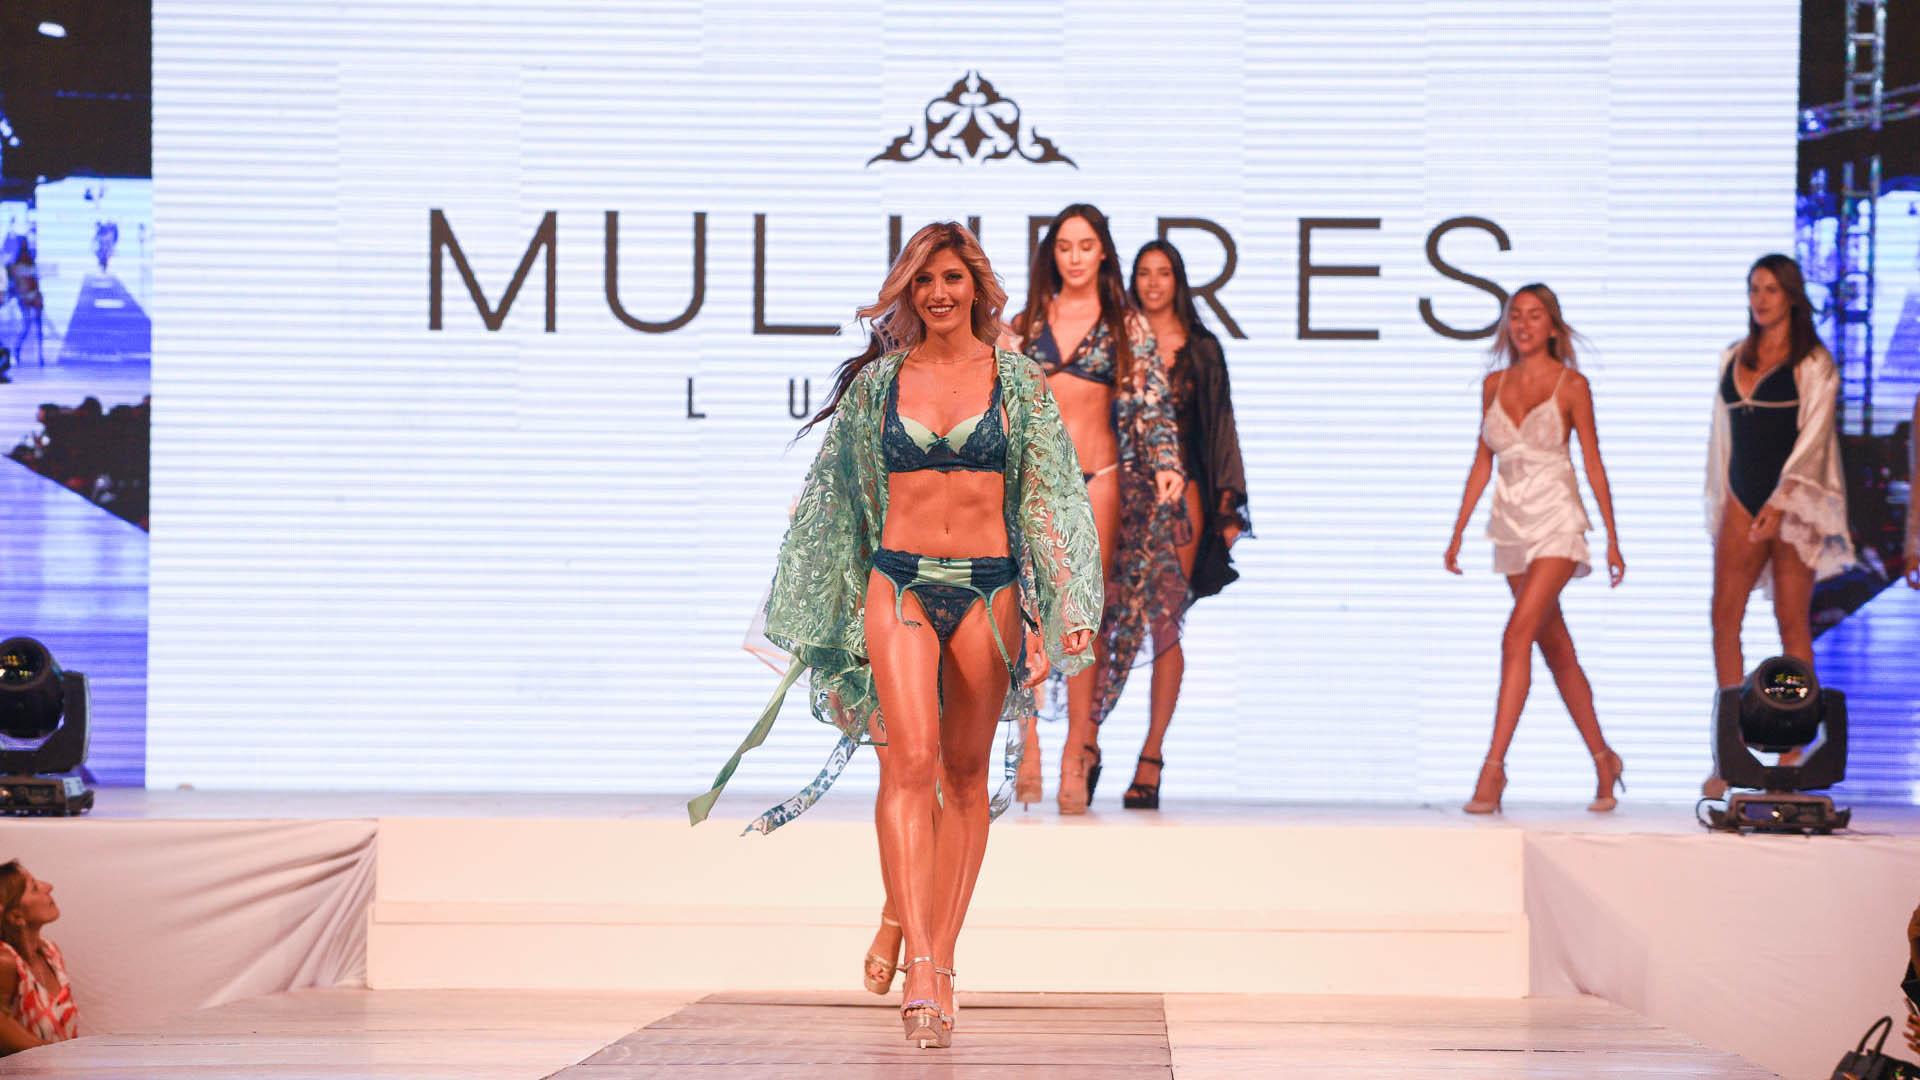 Luego le llegó el turno a Mulheres Luxury, una colorida colección de conjuntos de lencería y batas